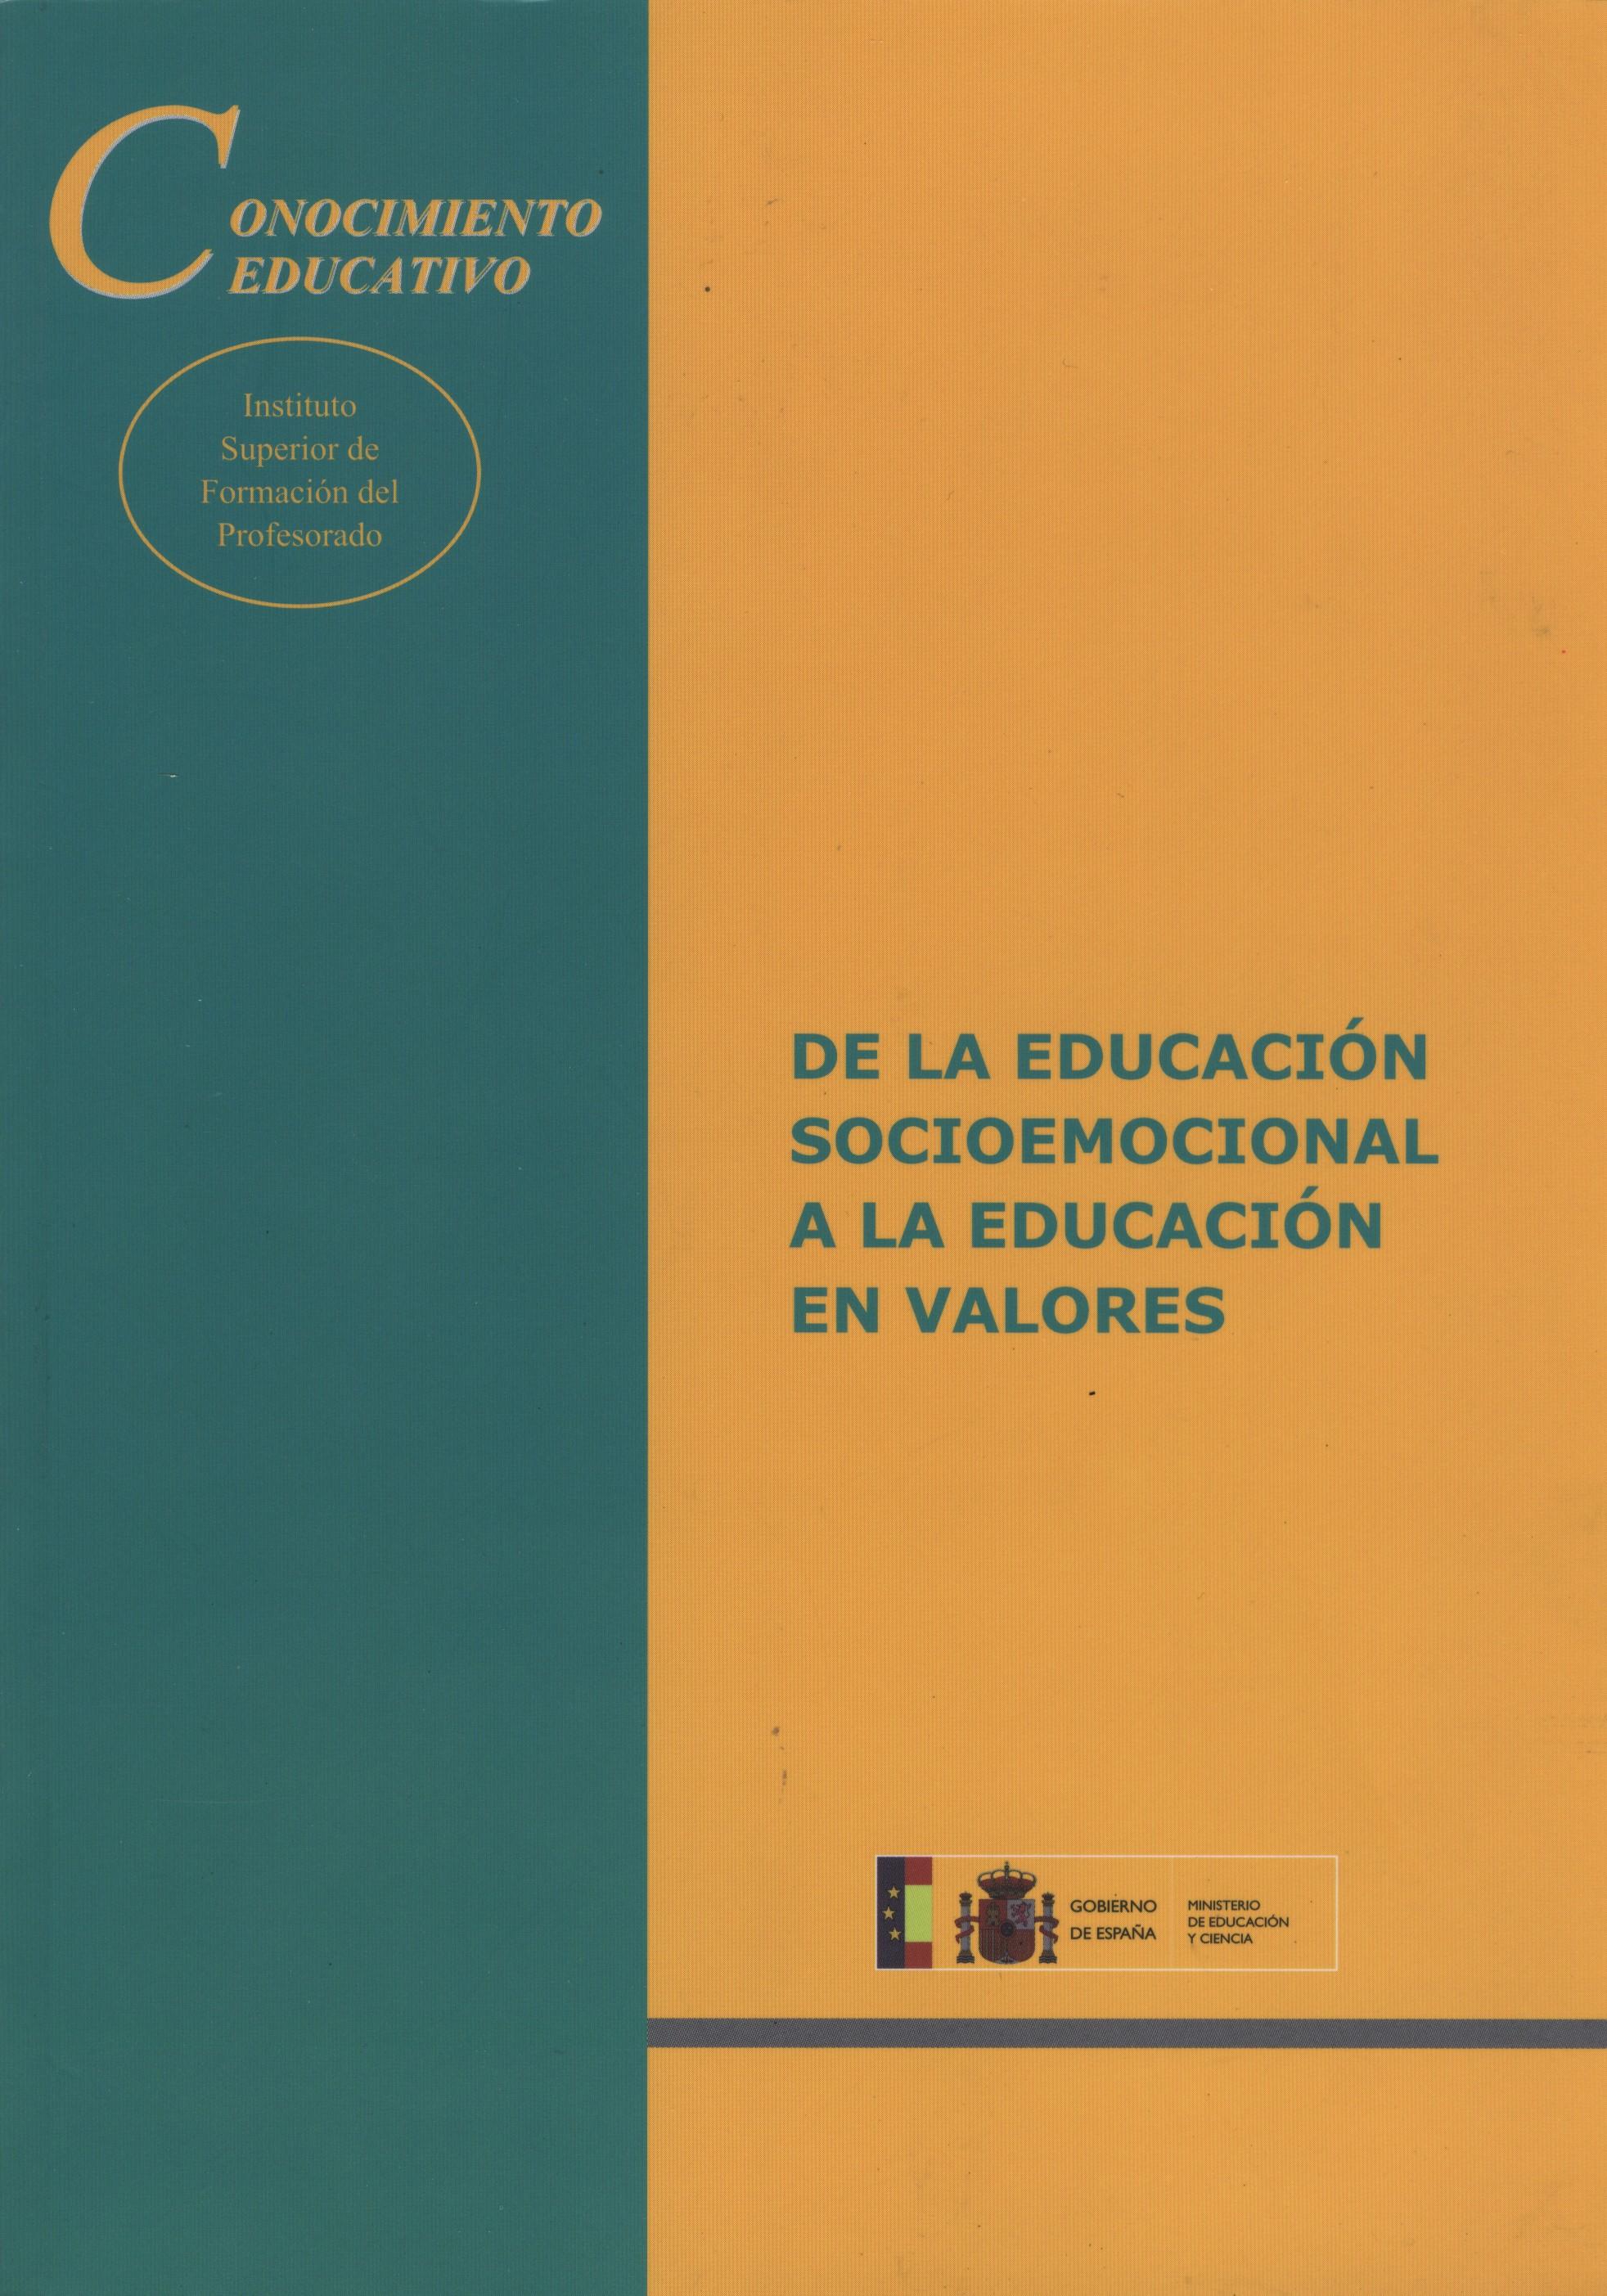 De La Educacion Socioemocional A La Educacion En Valores